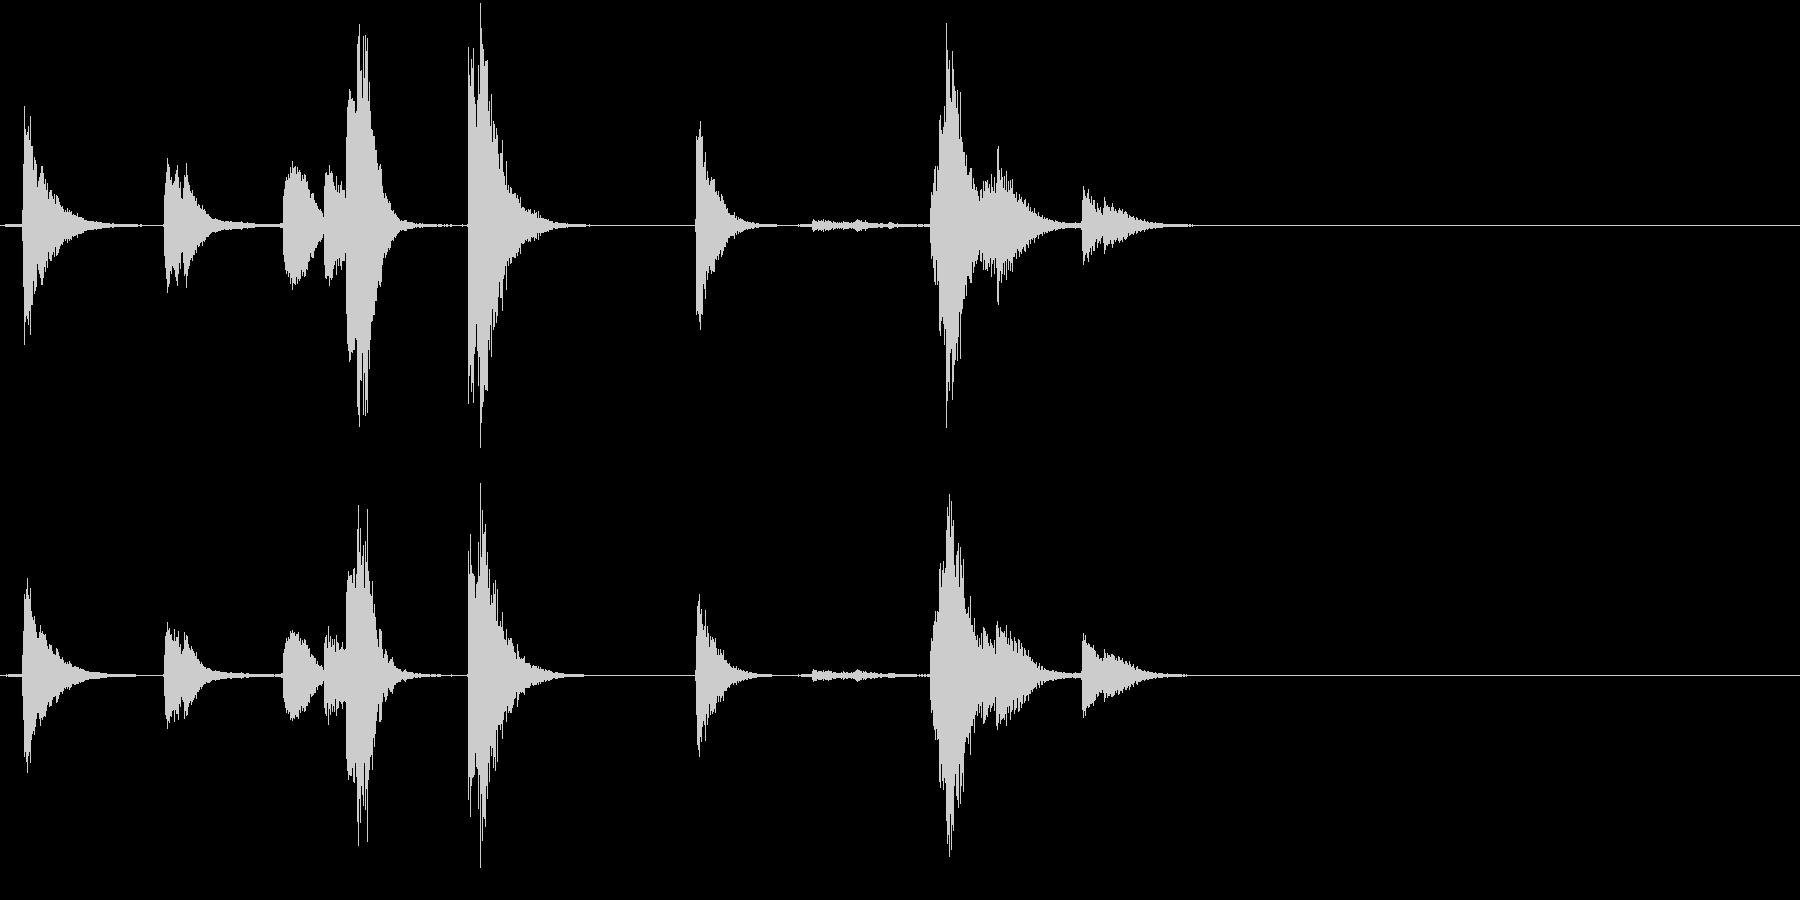 【生録音】TeaCup 食器の音 1の未再生の波形